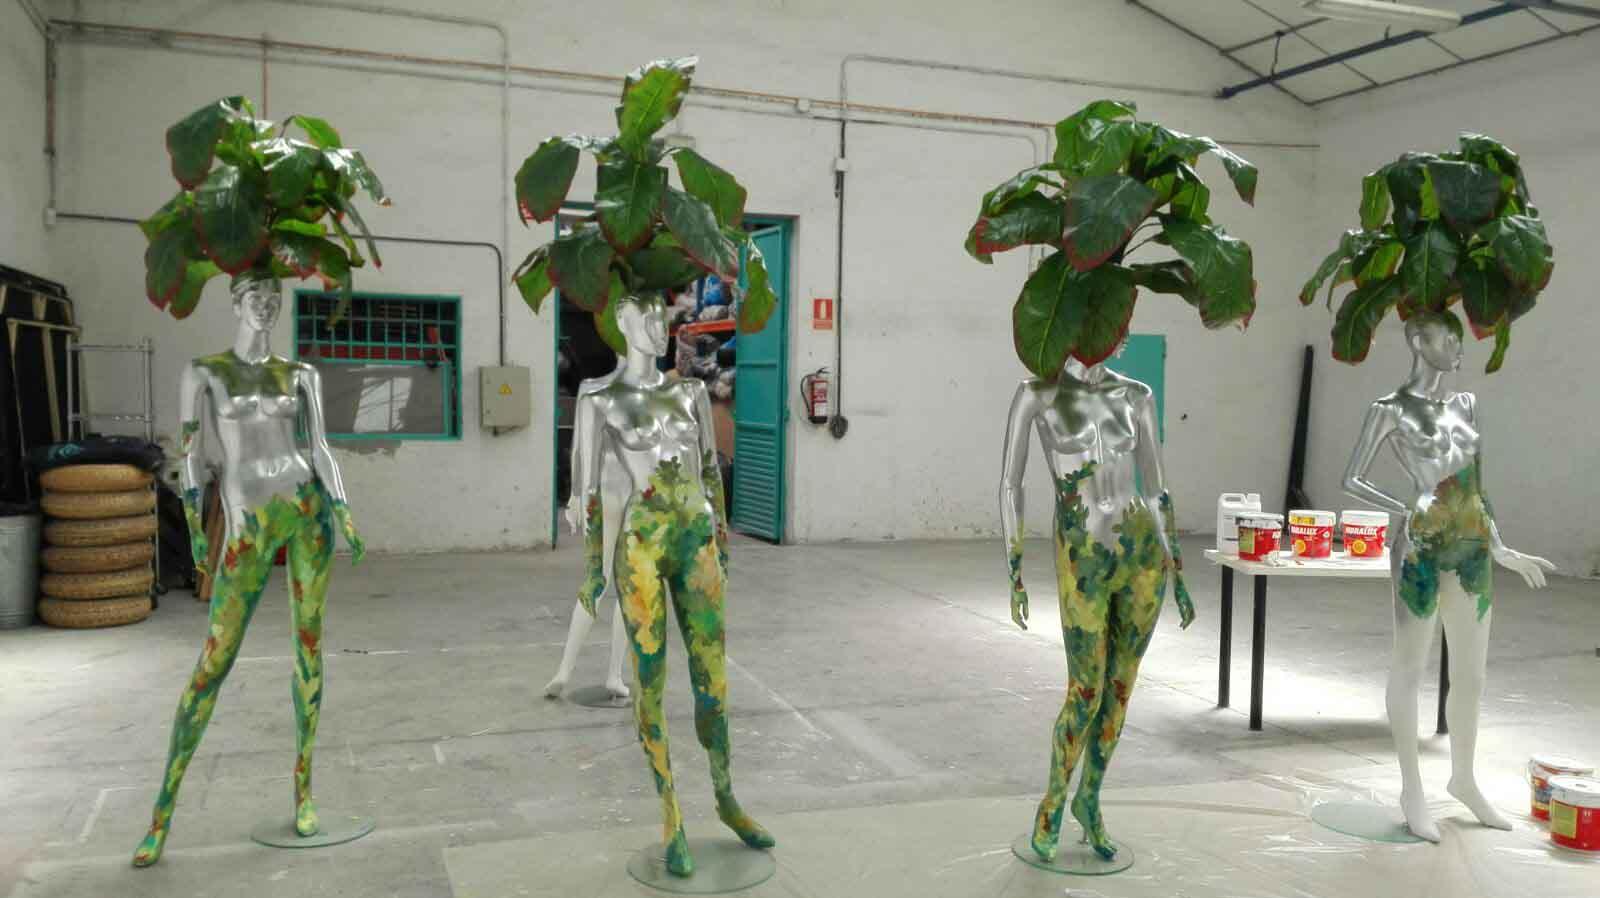 Maniquies-plantas-beefeater-1